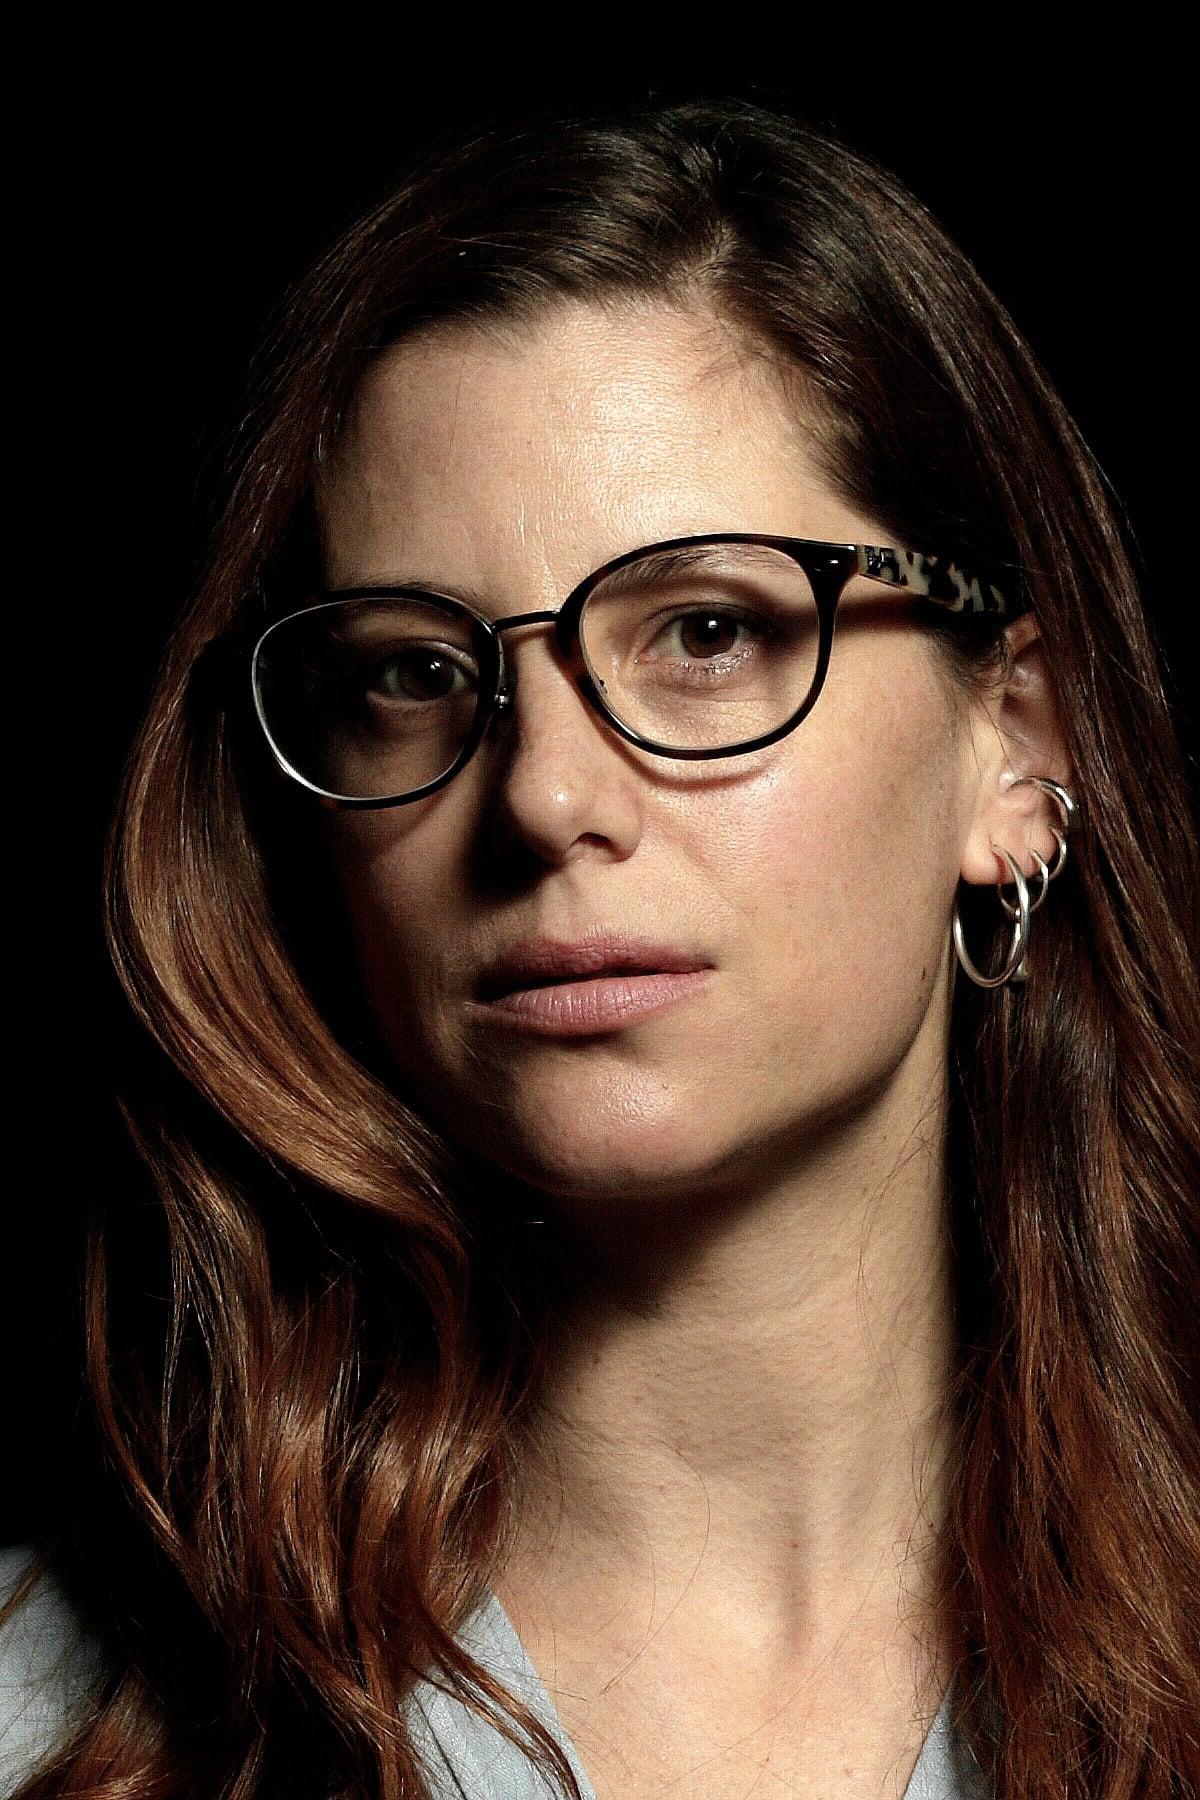 Emilia Noguera